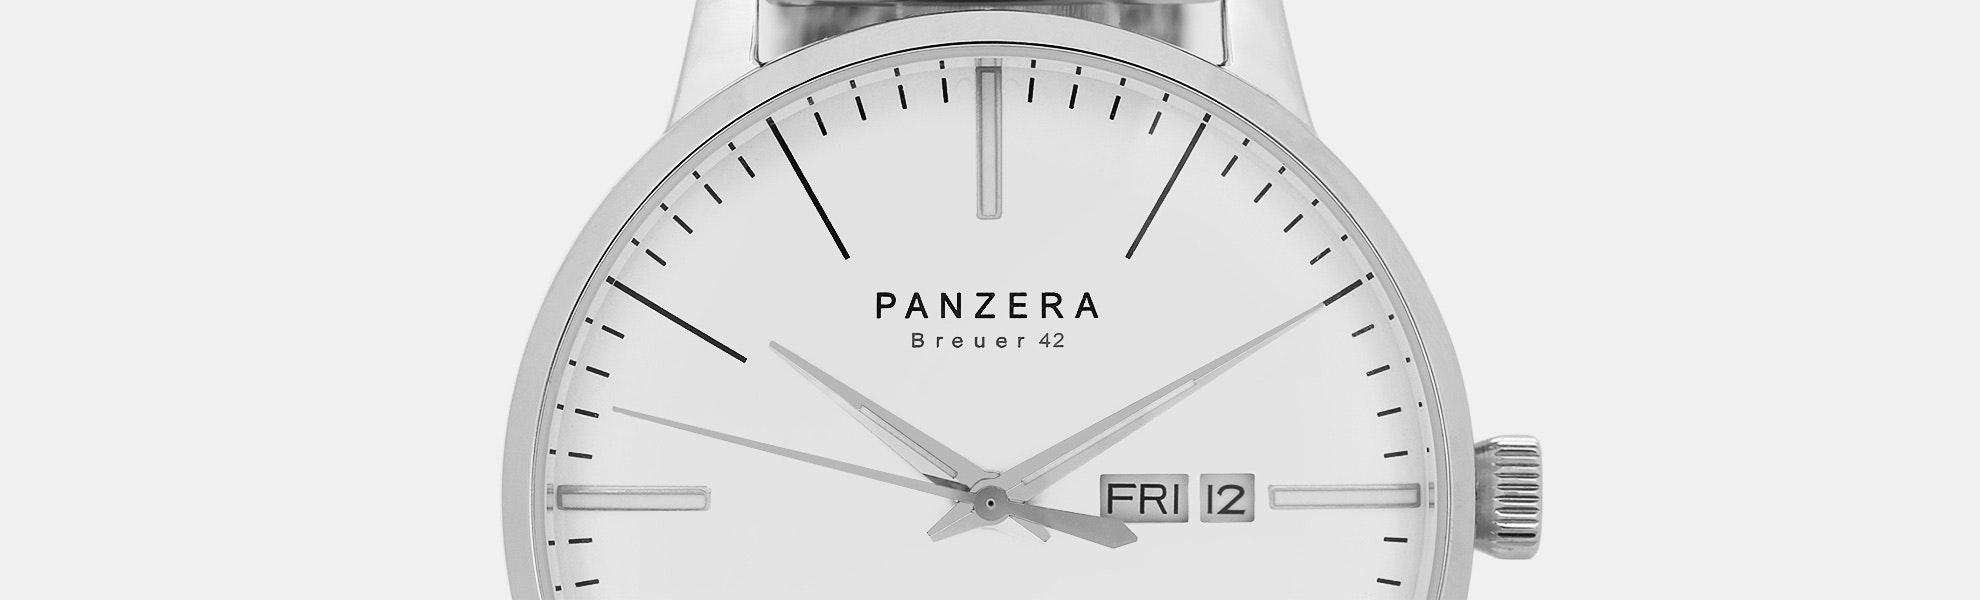 Panzera Breuer 42 Automatic Watch